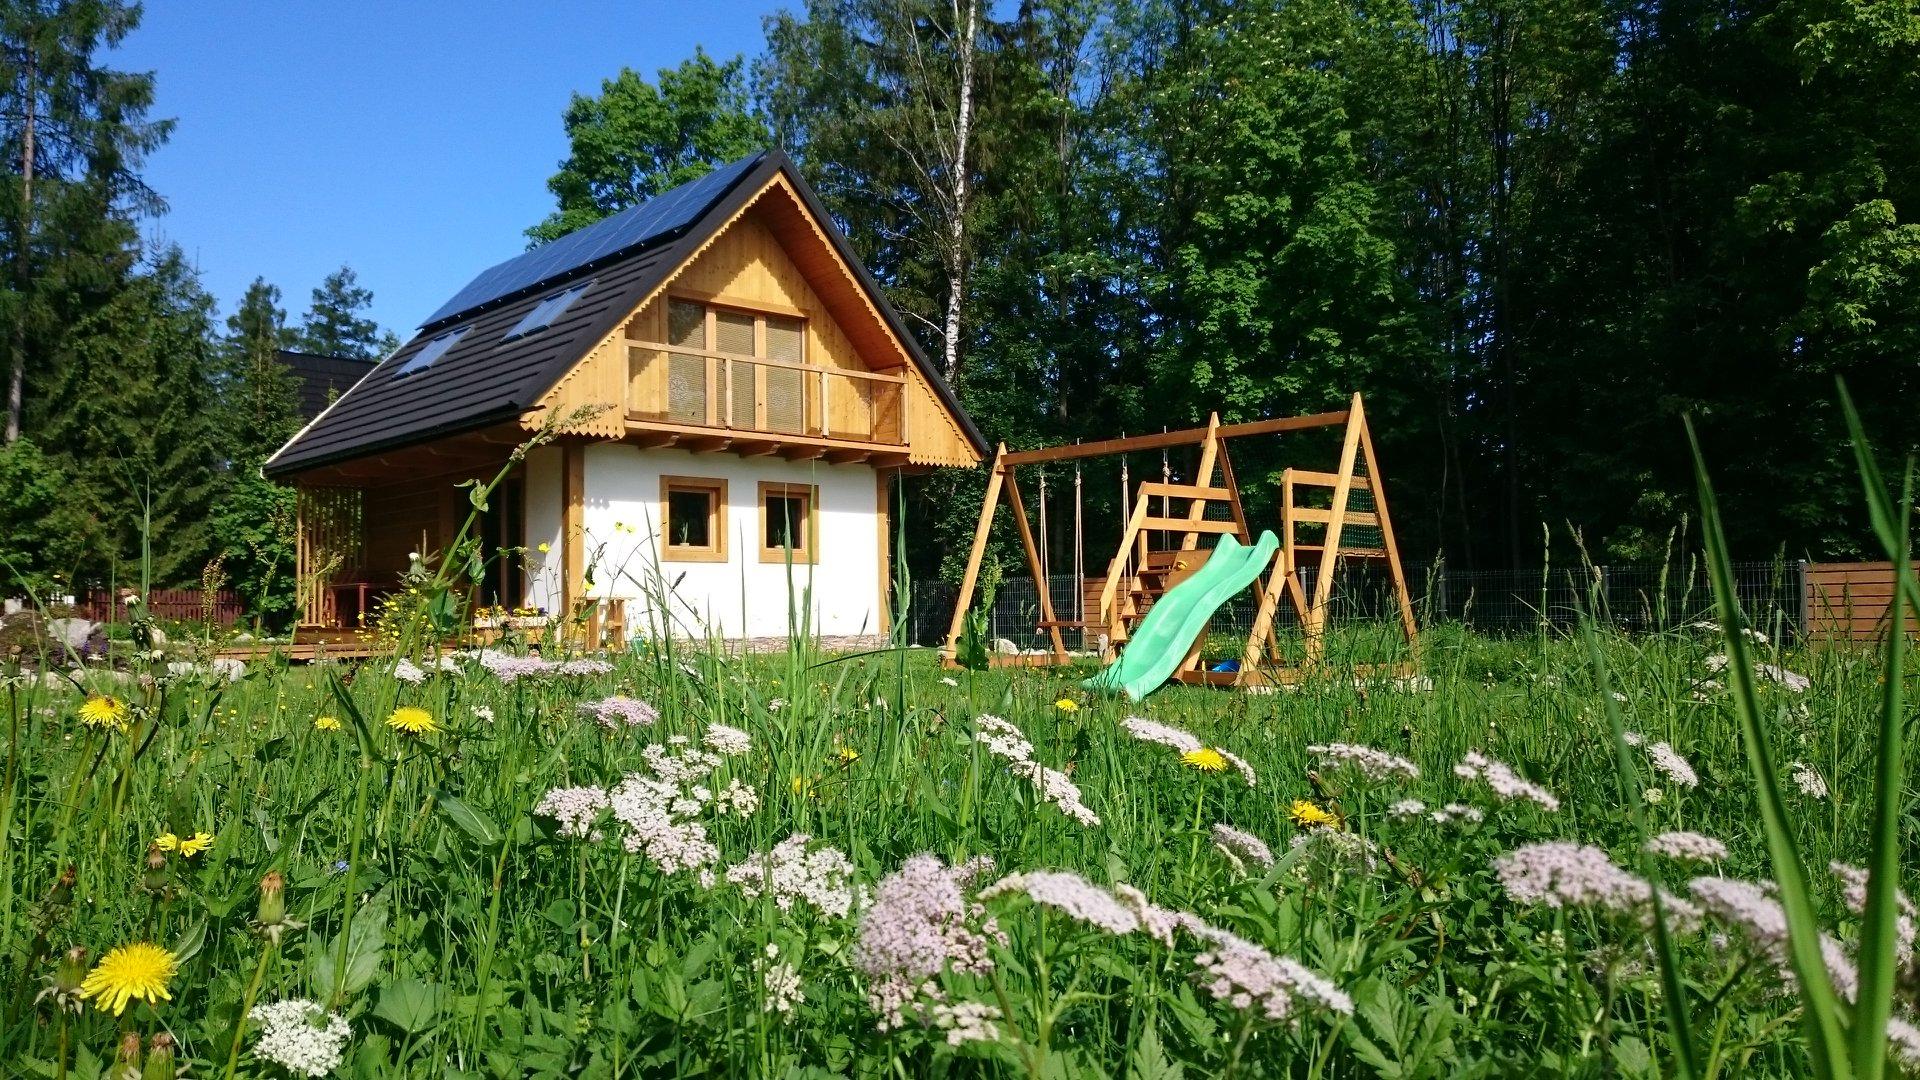 Tatra Green House  - Will I not be bored?